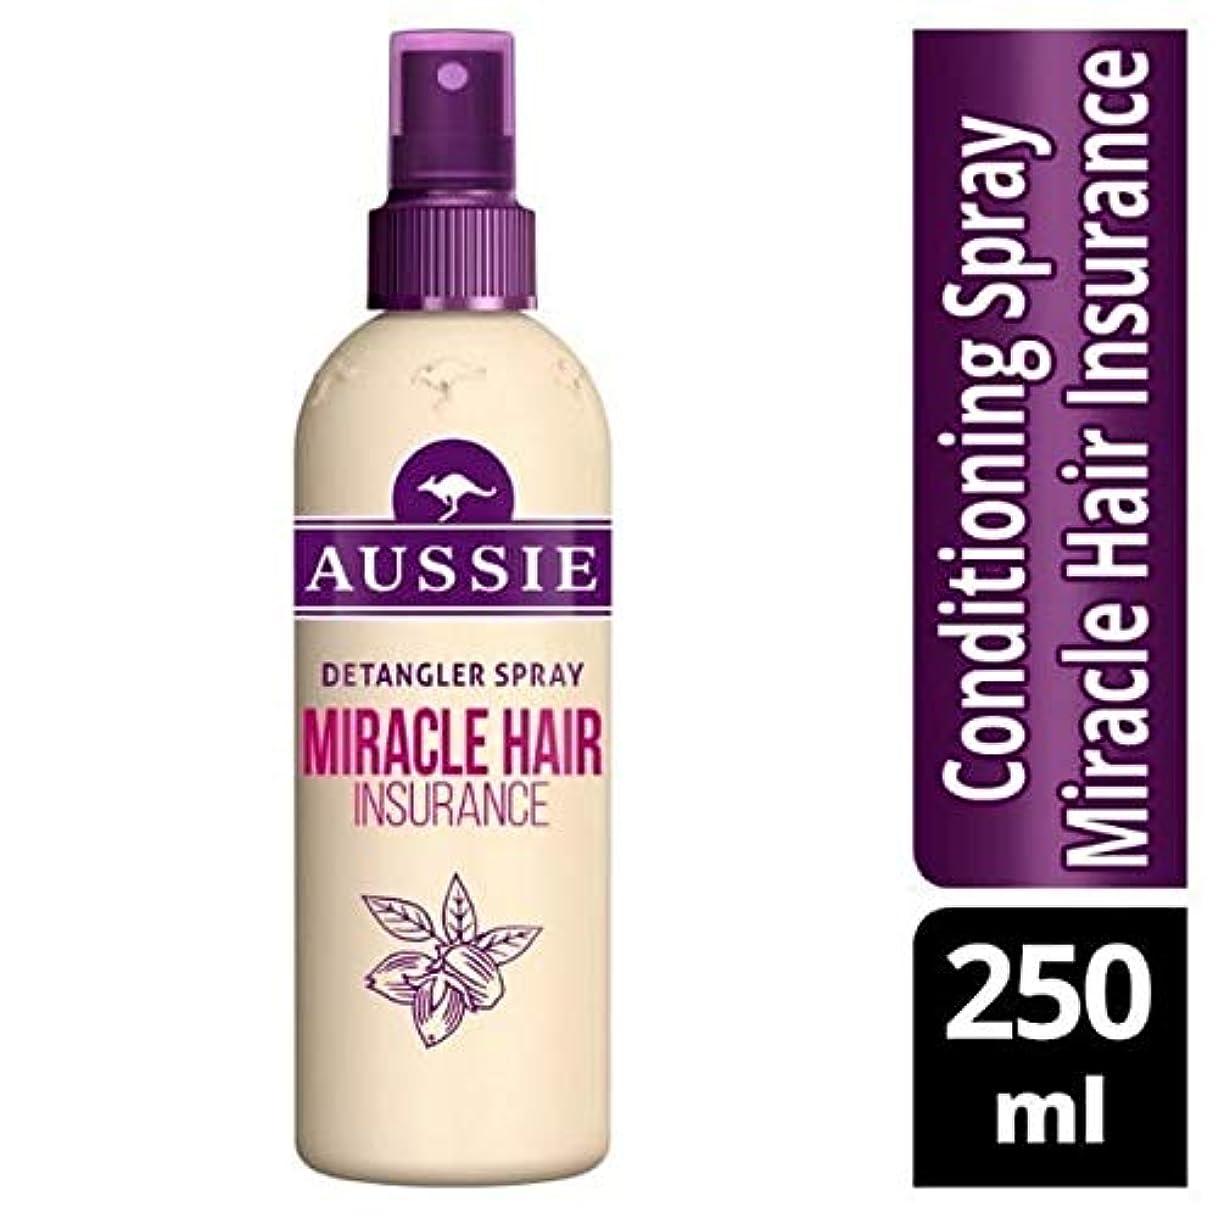 地獄する必要がある航空便[Aussie ] オーストラリアの奇跡髪保険Detanglerスプレー250ミリリットル - Aussie Miracle Hair Insurance Detangler Spray 250ml [並行輸入品]